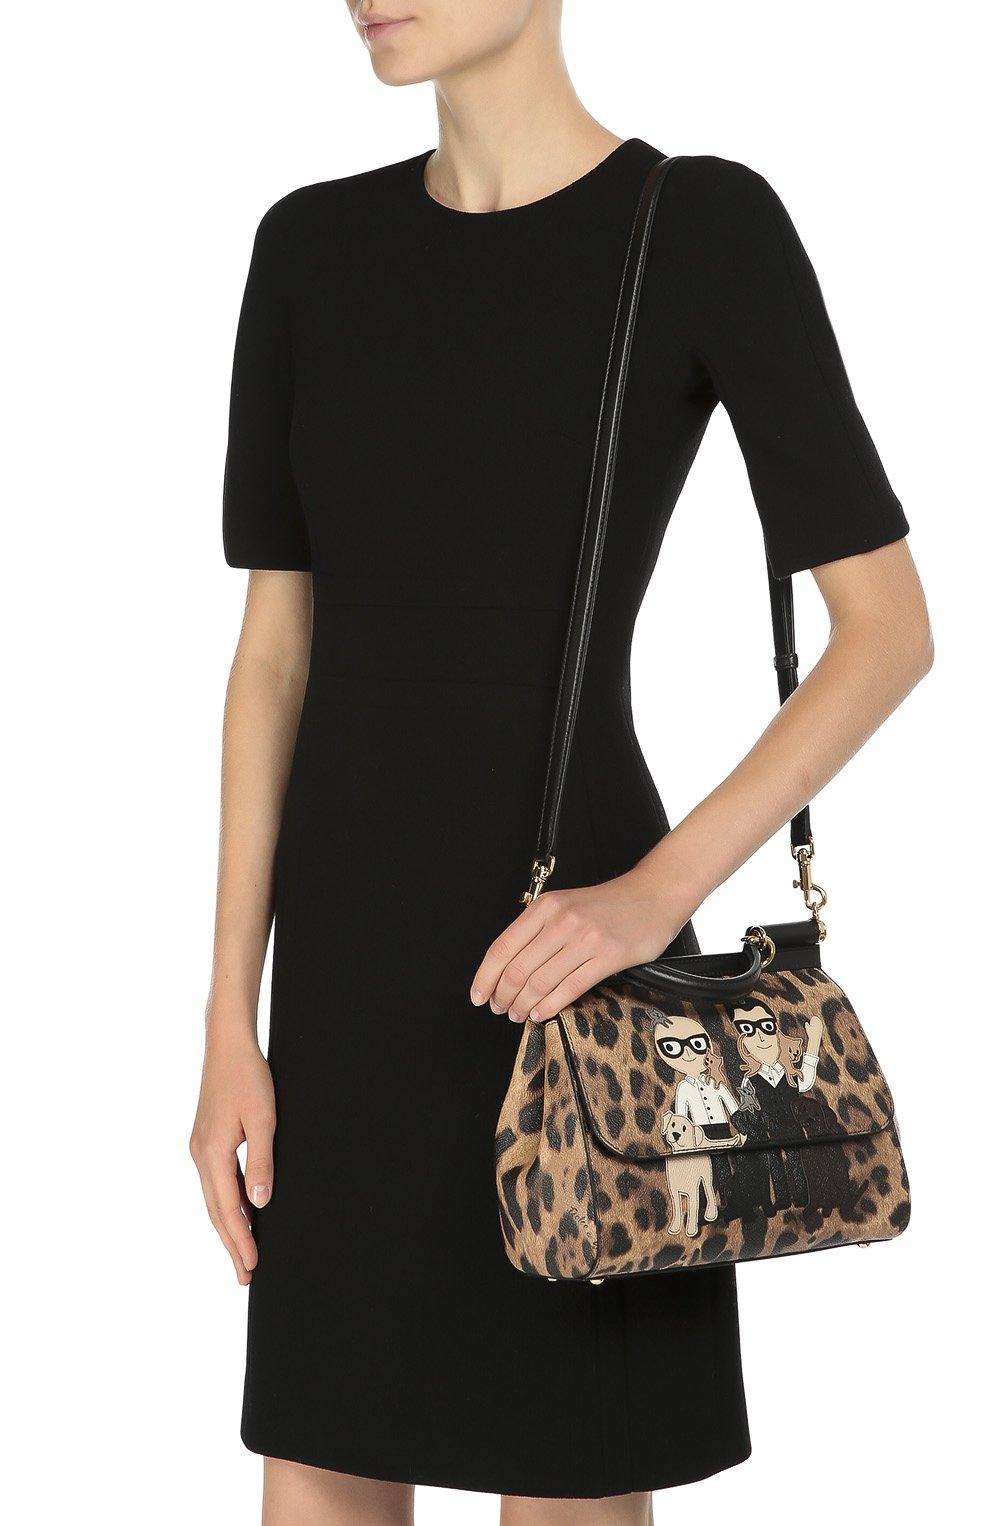 Сумка Sicily medium new с аппликацией DG Family Dolce & Gabbana леопардовая цвета   Фото №5